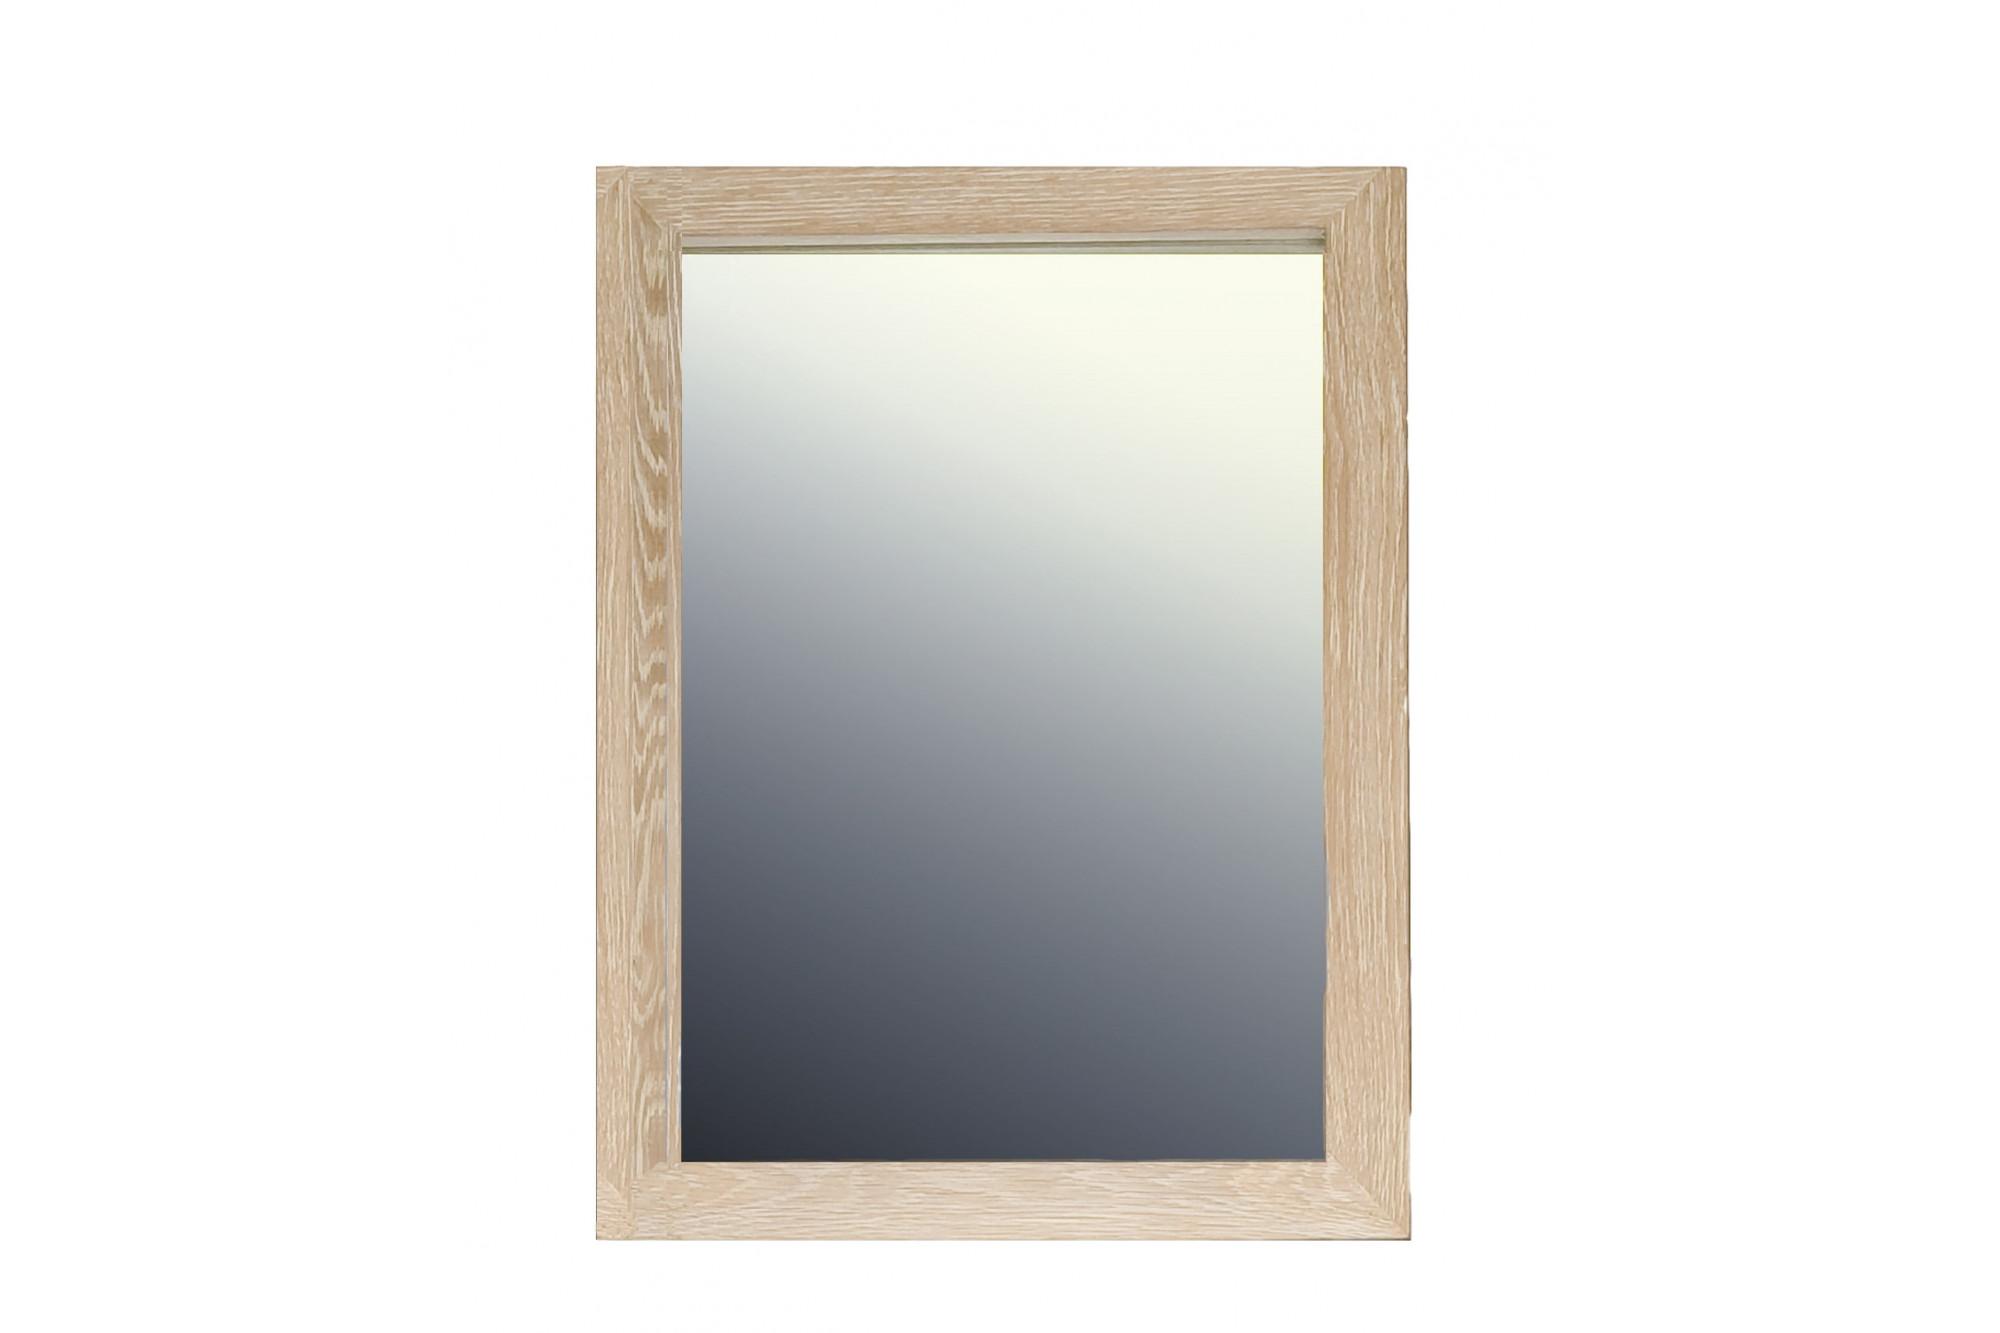 Hauteur Armoire De Toilette armoire de toilette en bois massif avec miroir - chêne blanchi - hellin